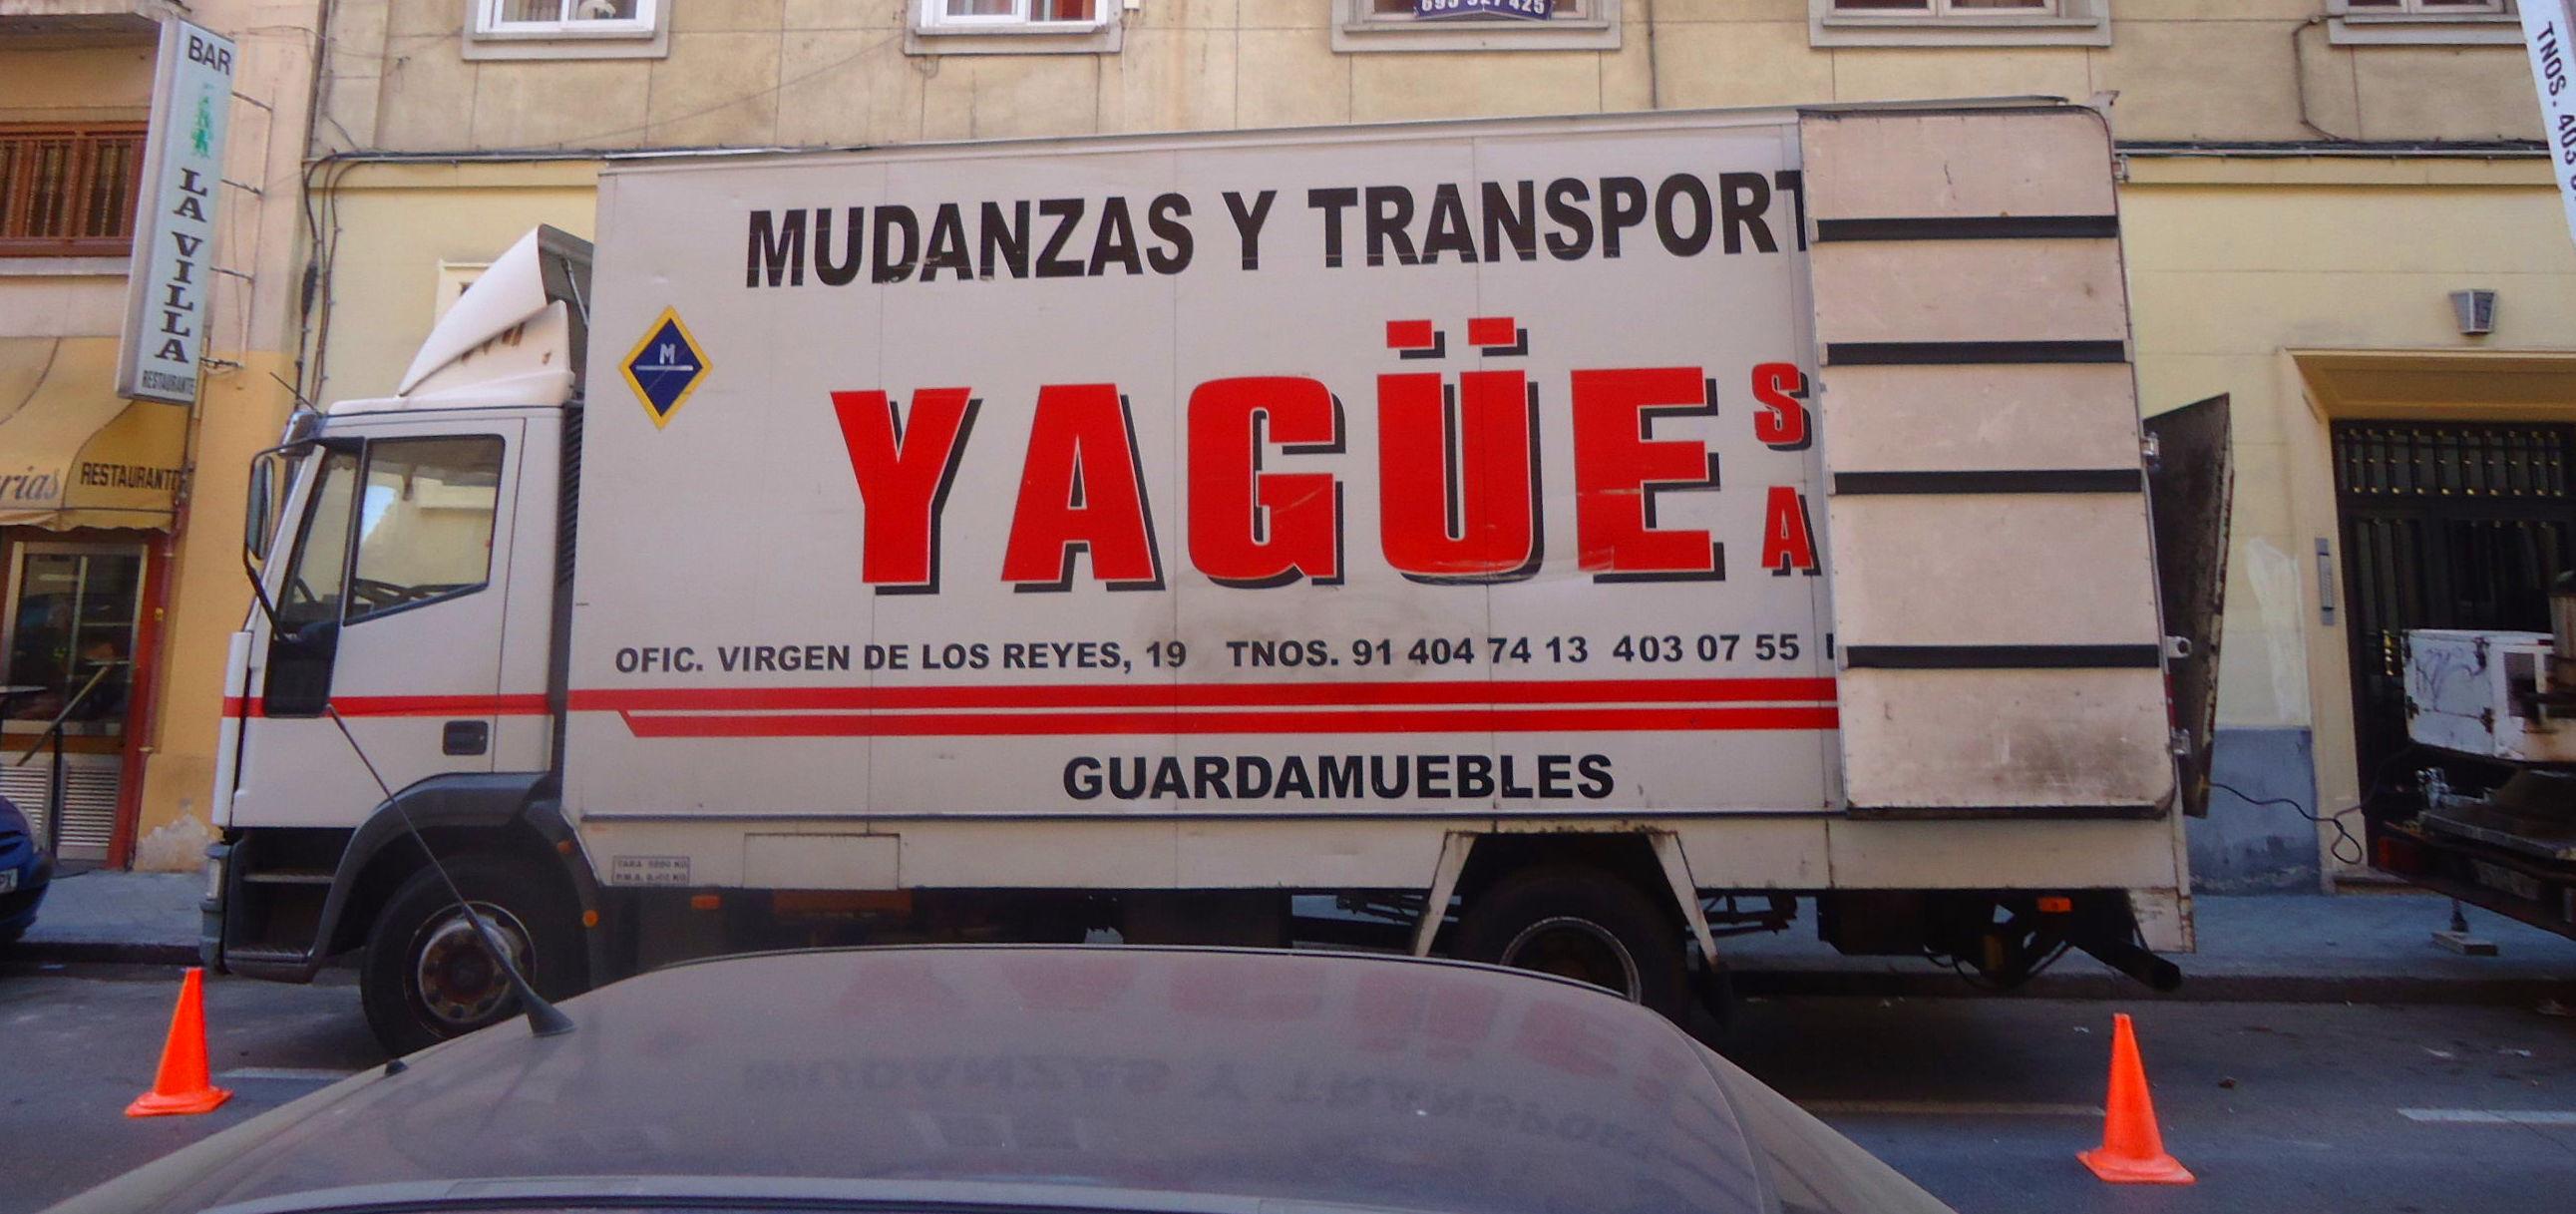 Foto 25 de Mudanzas y guardamuebles en Madrid | Mudanzas Yagüe              914047413